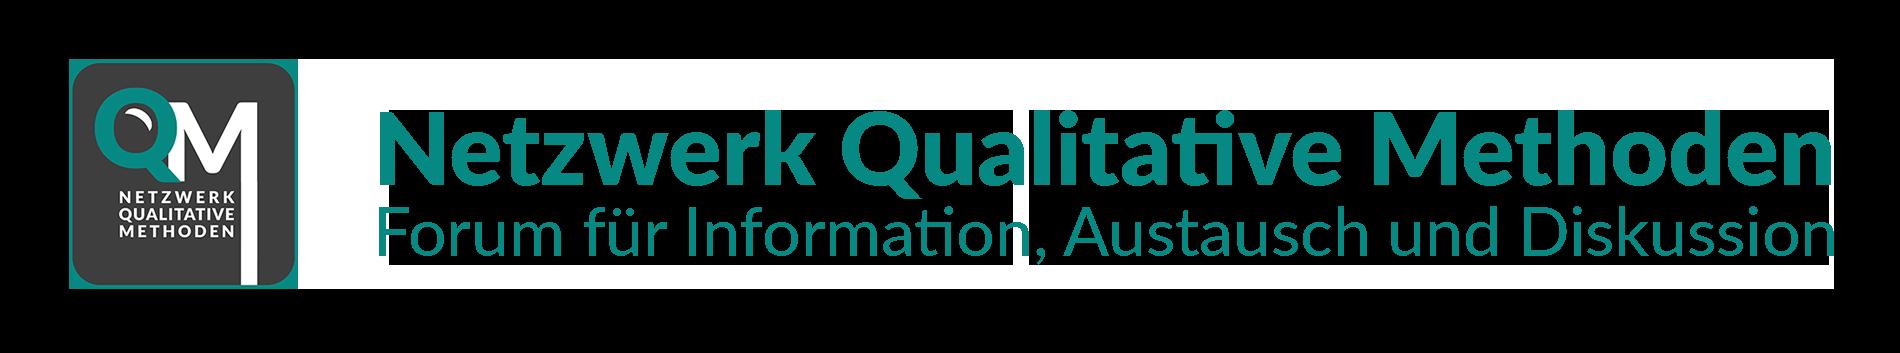 Netzwerk Qualitative Methoden